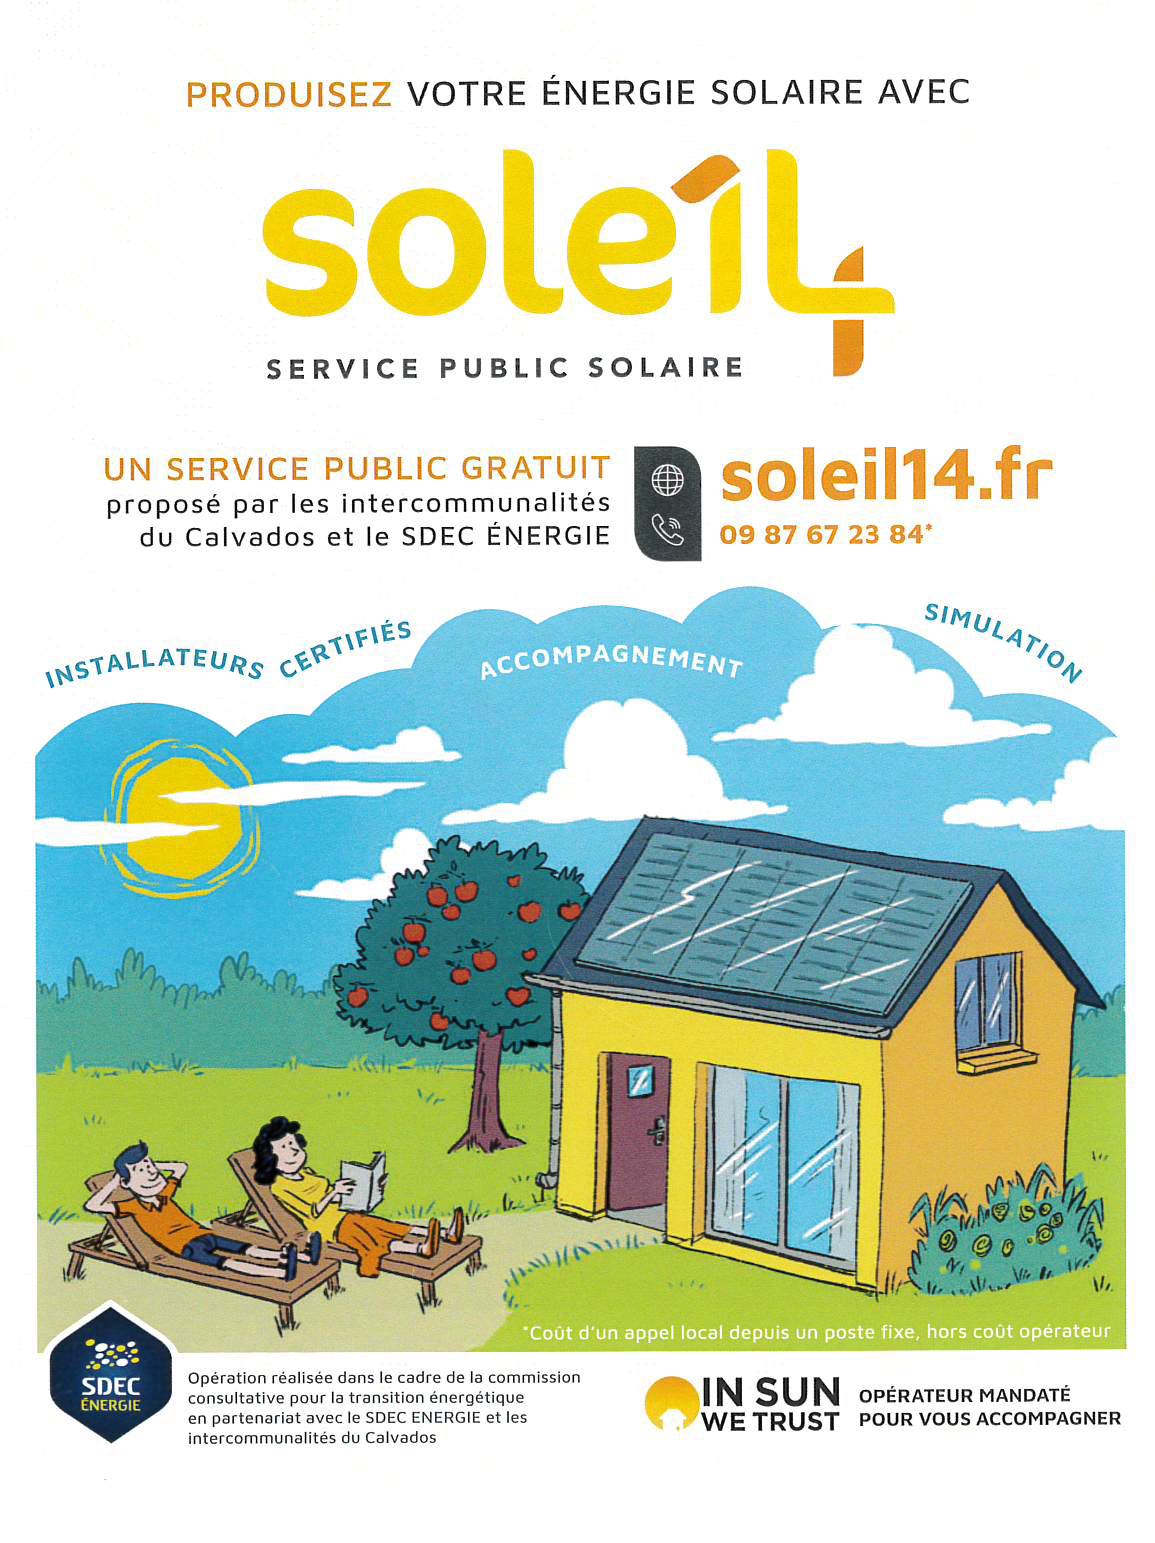 SOLEIL  14 : Service public solaire gratuit